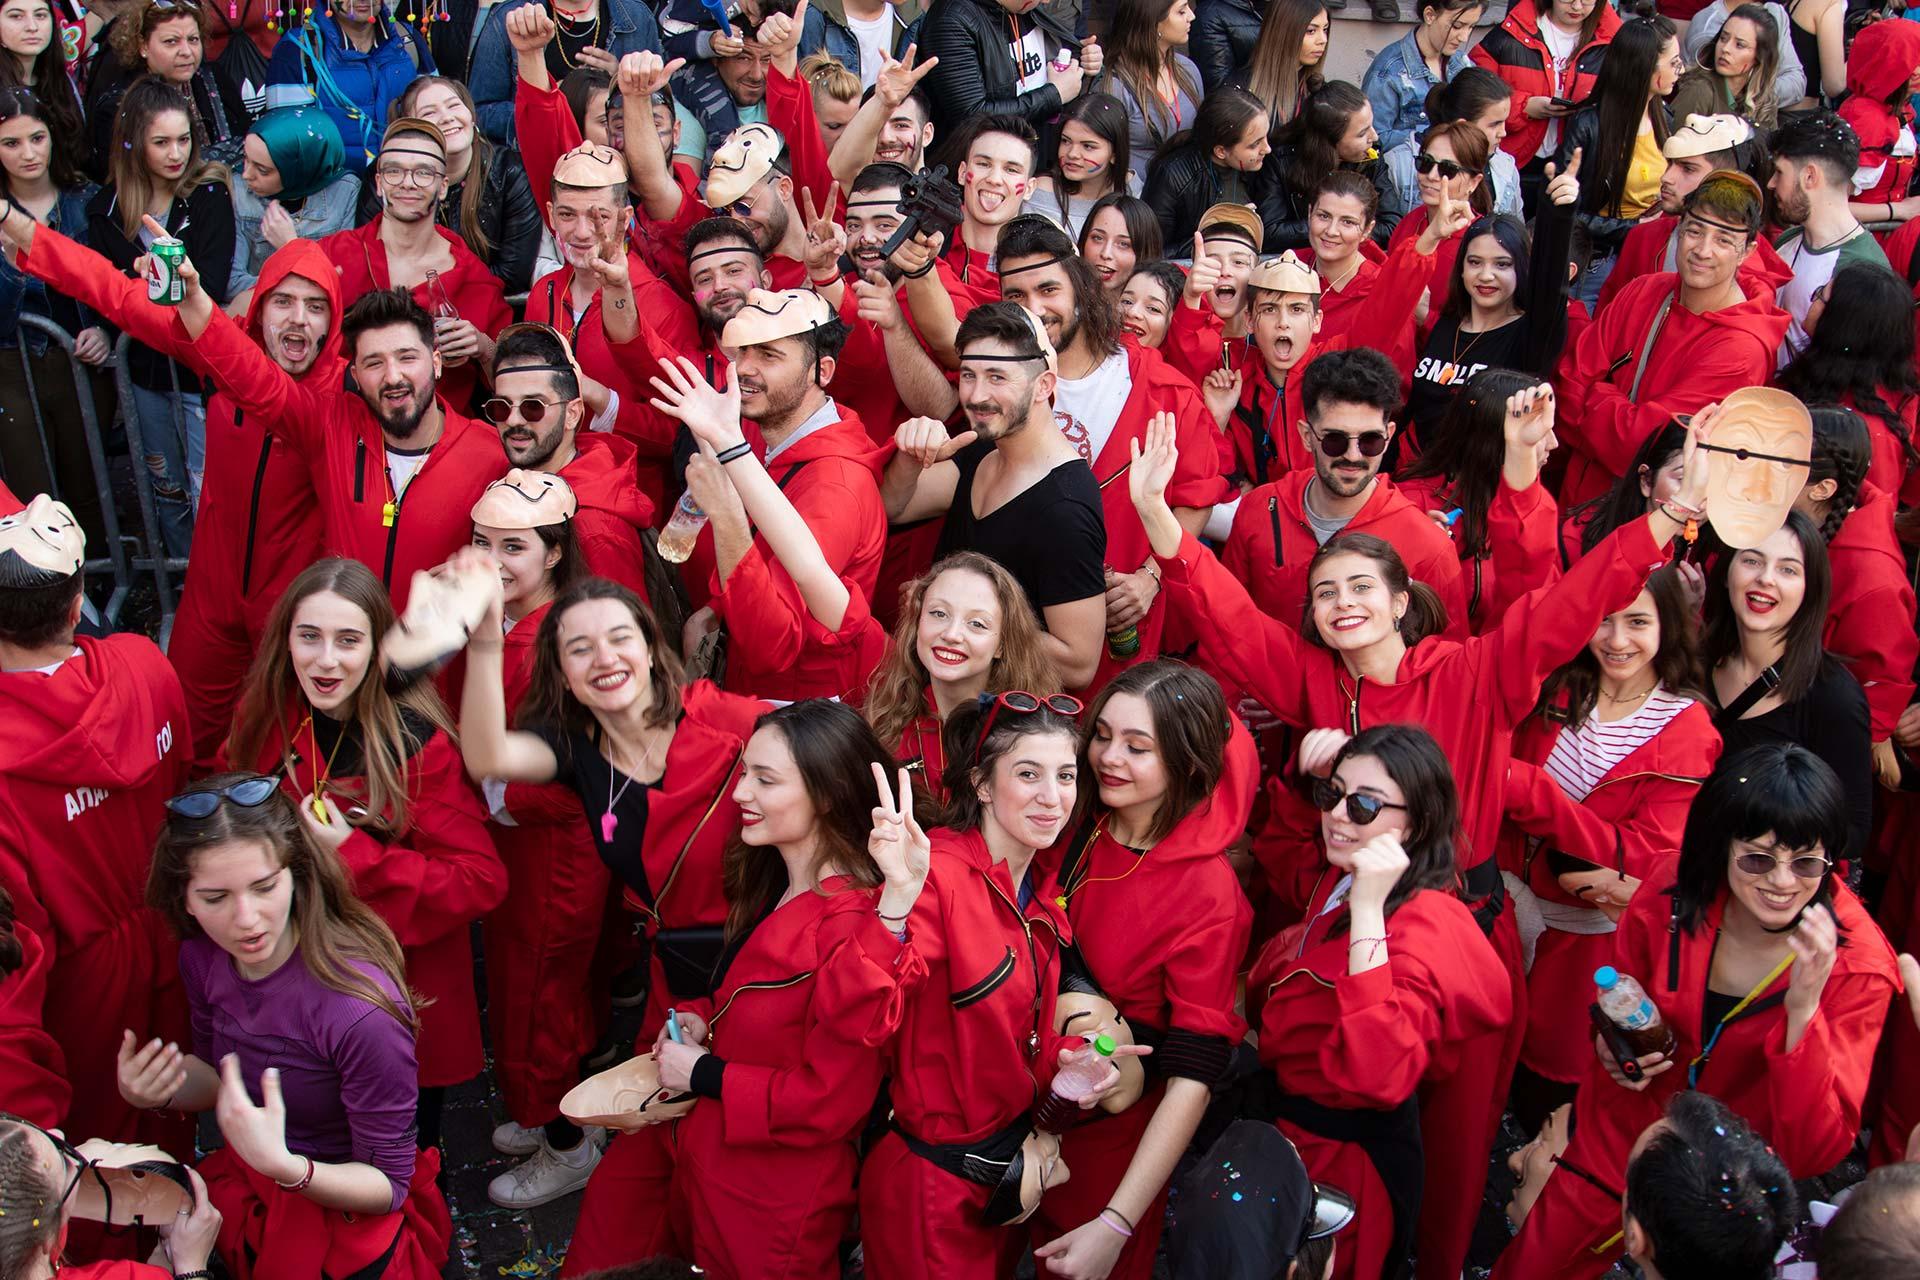 İskeçe Karnavalı 2019